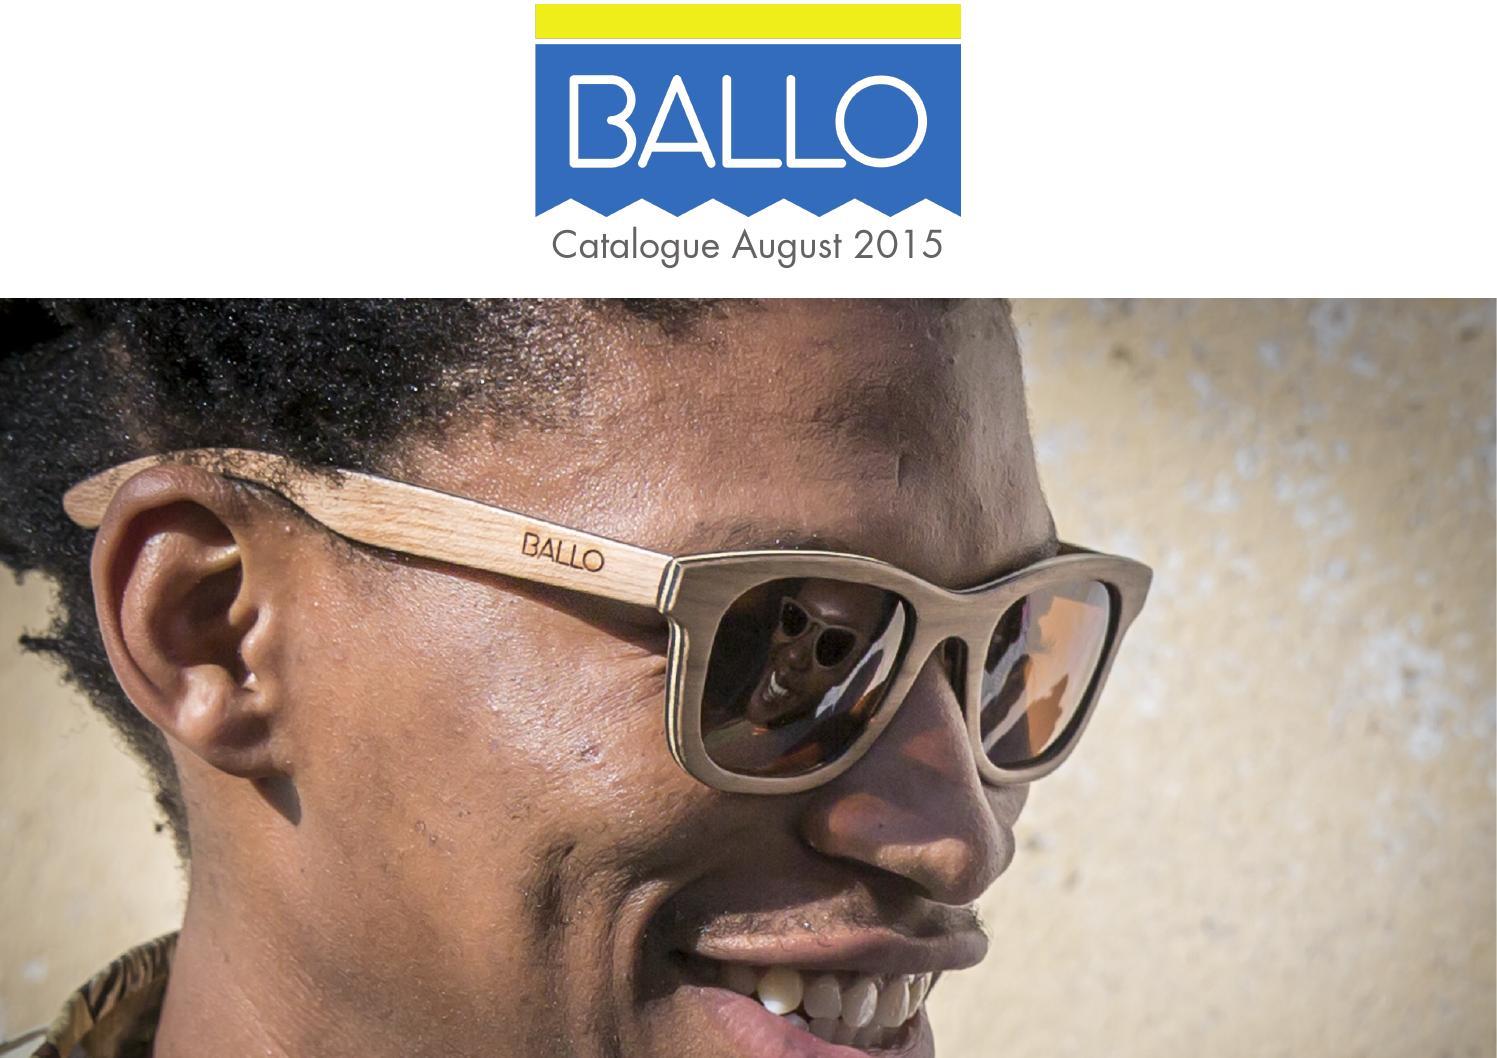 4d75f8036d9 BALLO catalogue August 2015 by A Ballo - issuu